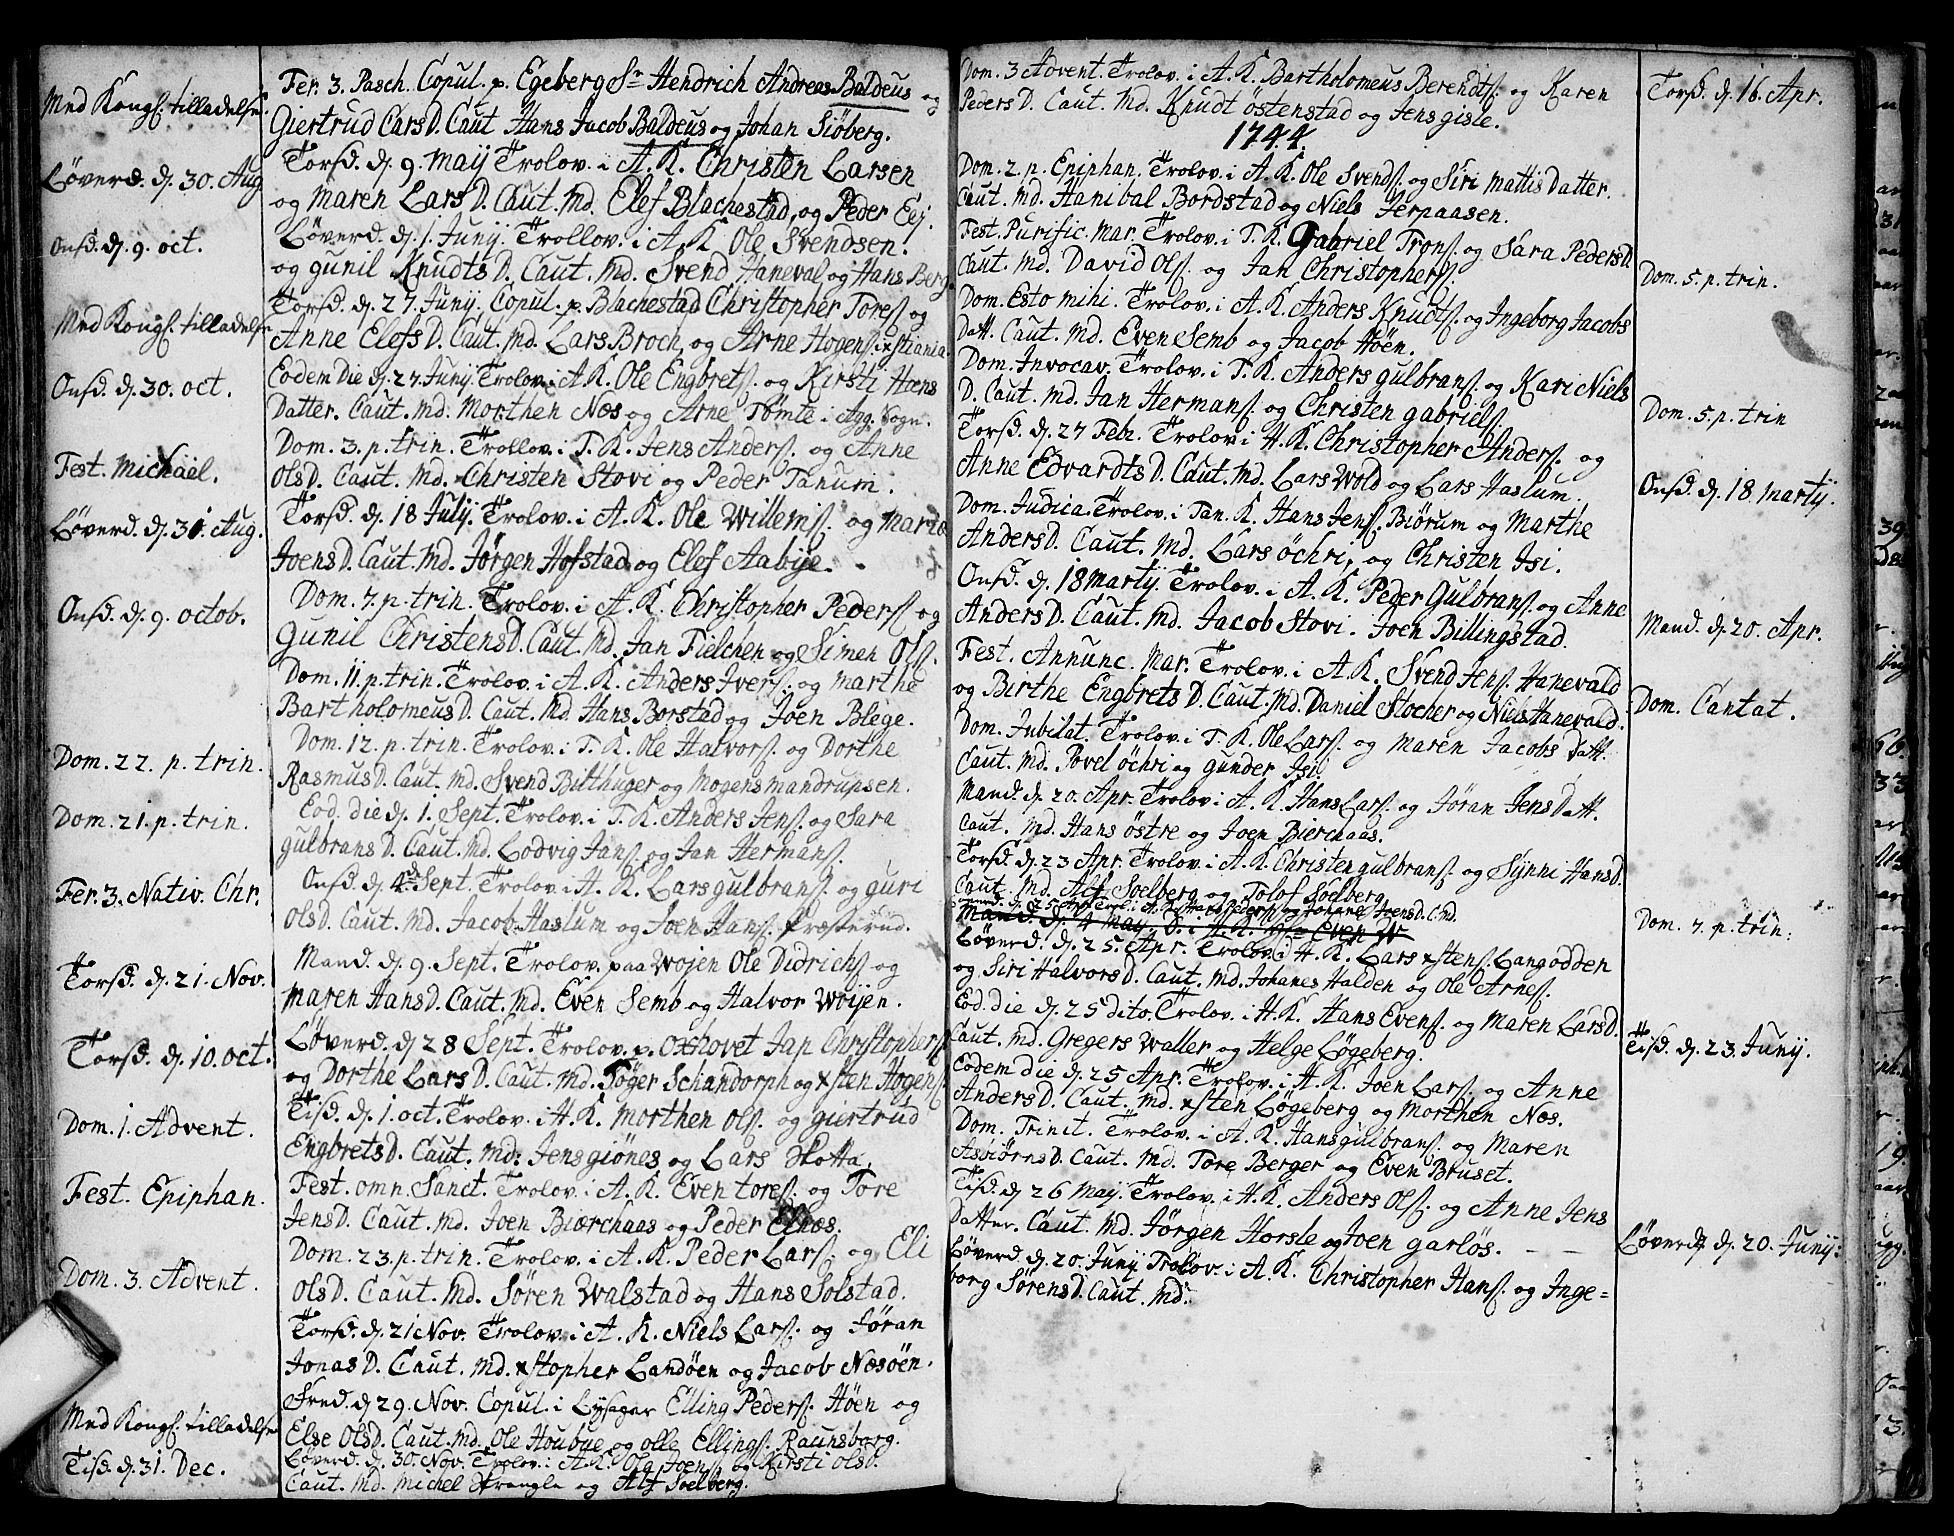 SAO, Asker prestekontor Kirkebøker, F/Fa/L0001: Ministerialbok nr. I 1, 1726-1744, s. 94